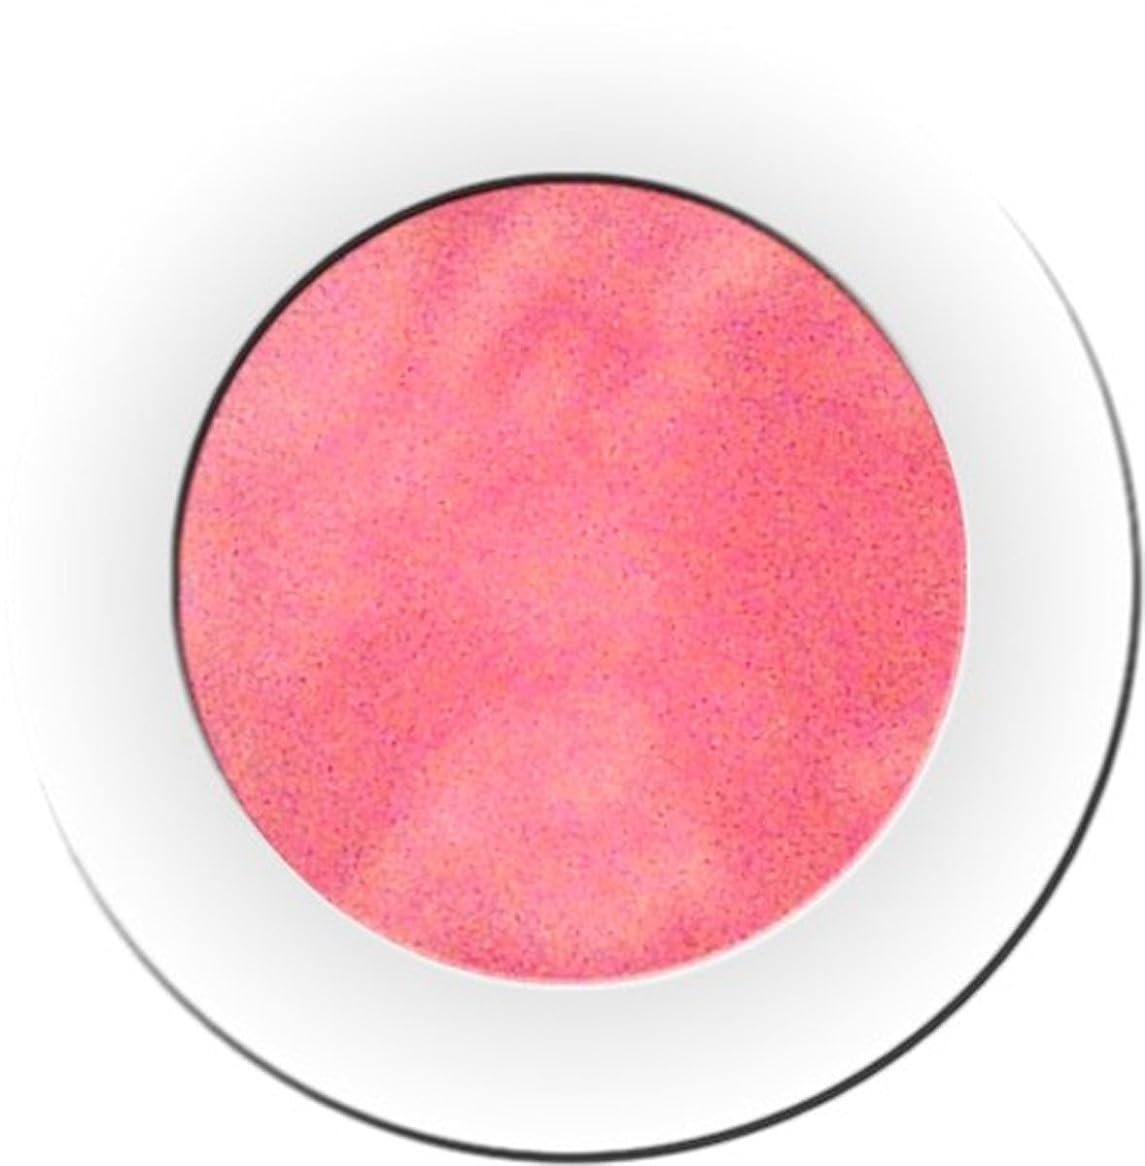 ディンカルビル池可愛いカラーパウダー 7g ジンク